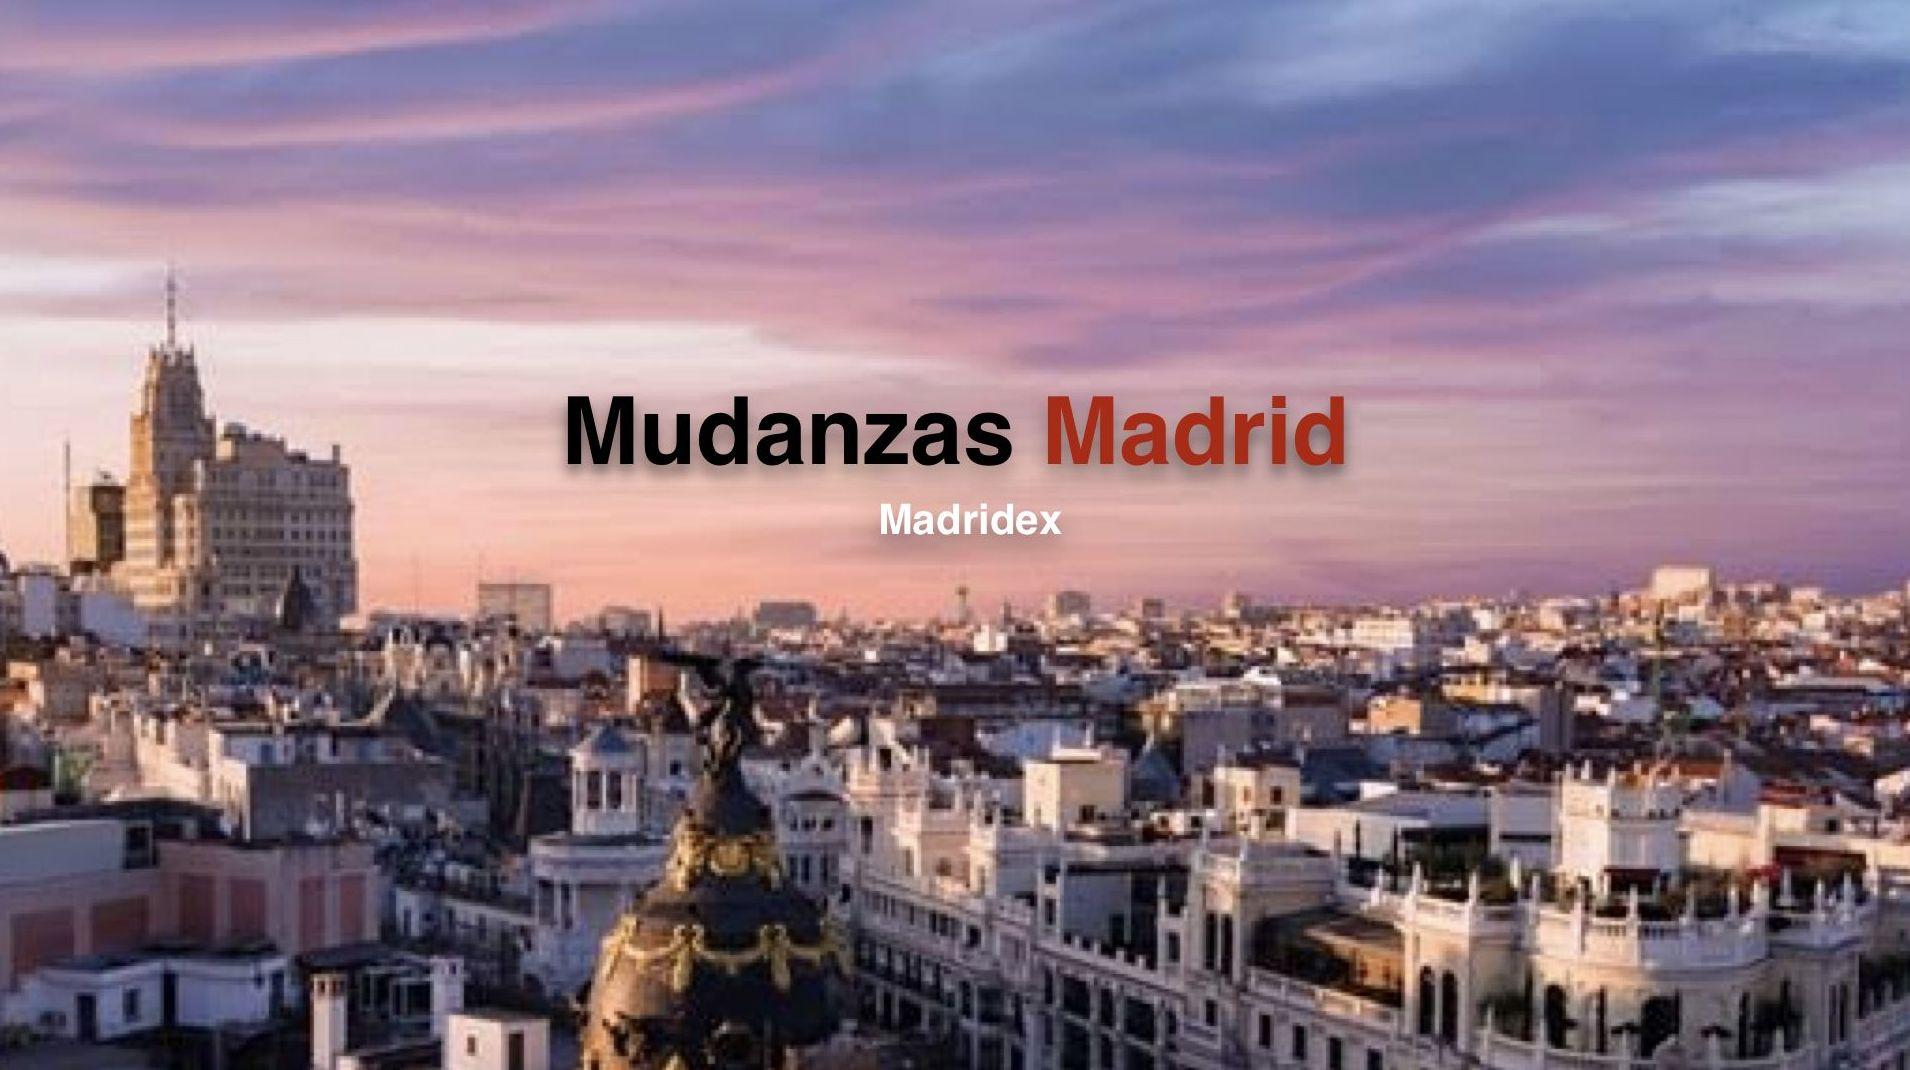 Mudanzas y portes baratos en Madrid Madridex mudanzas baratas